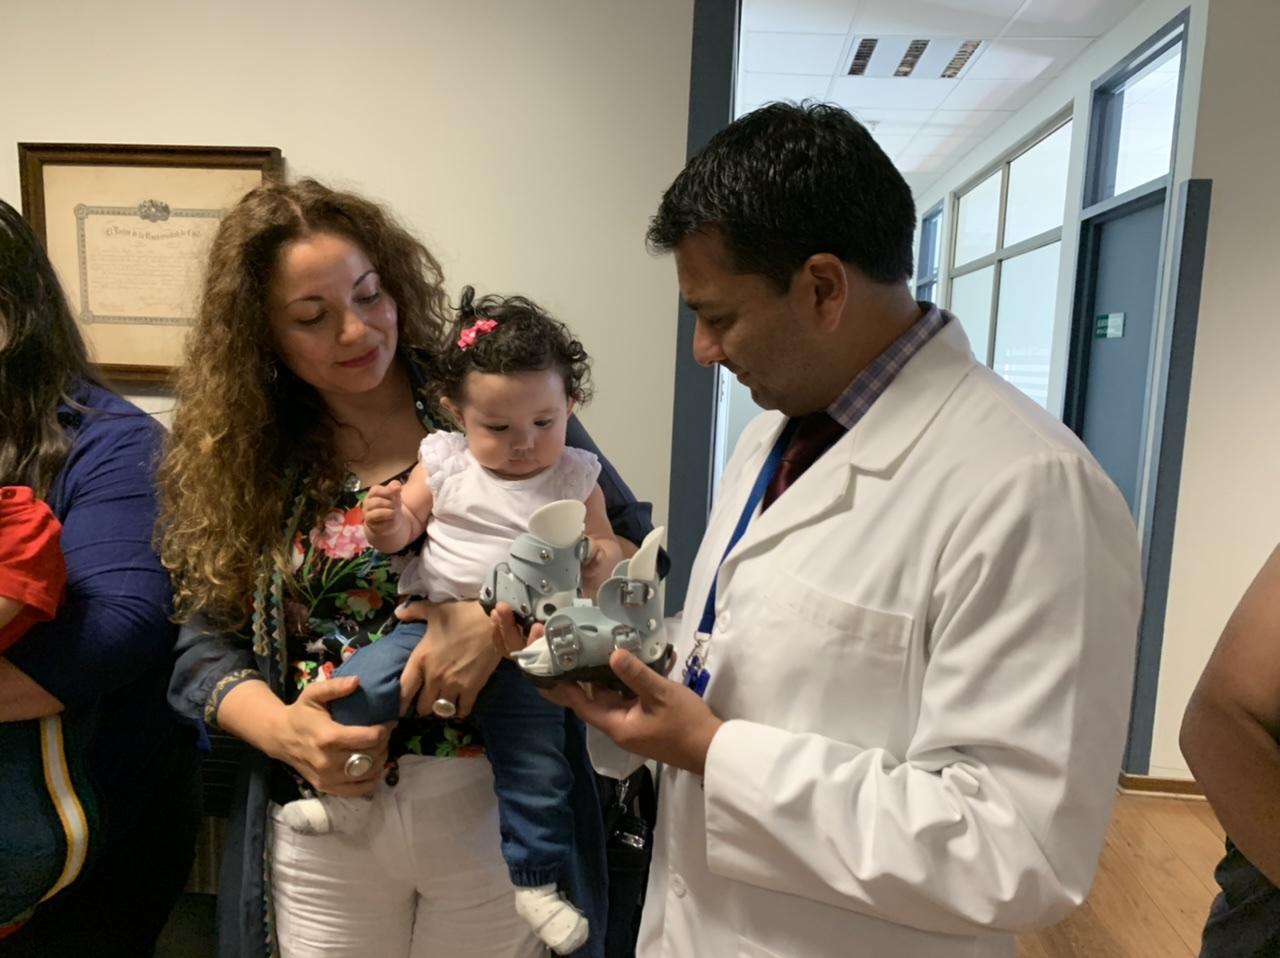 Rotary dona primer banco de órtesis del país para niños con pie bot al Hospital de Los Ángeles